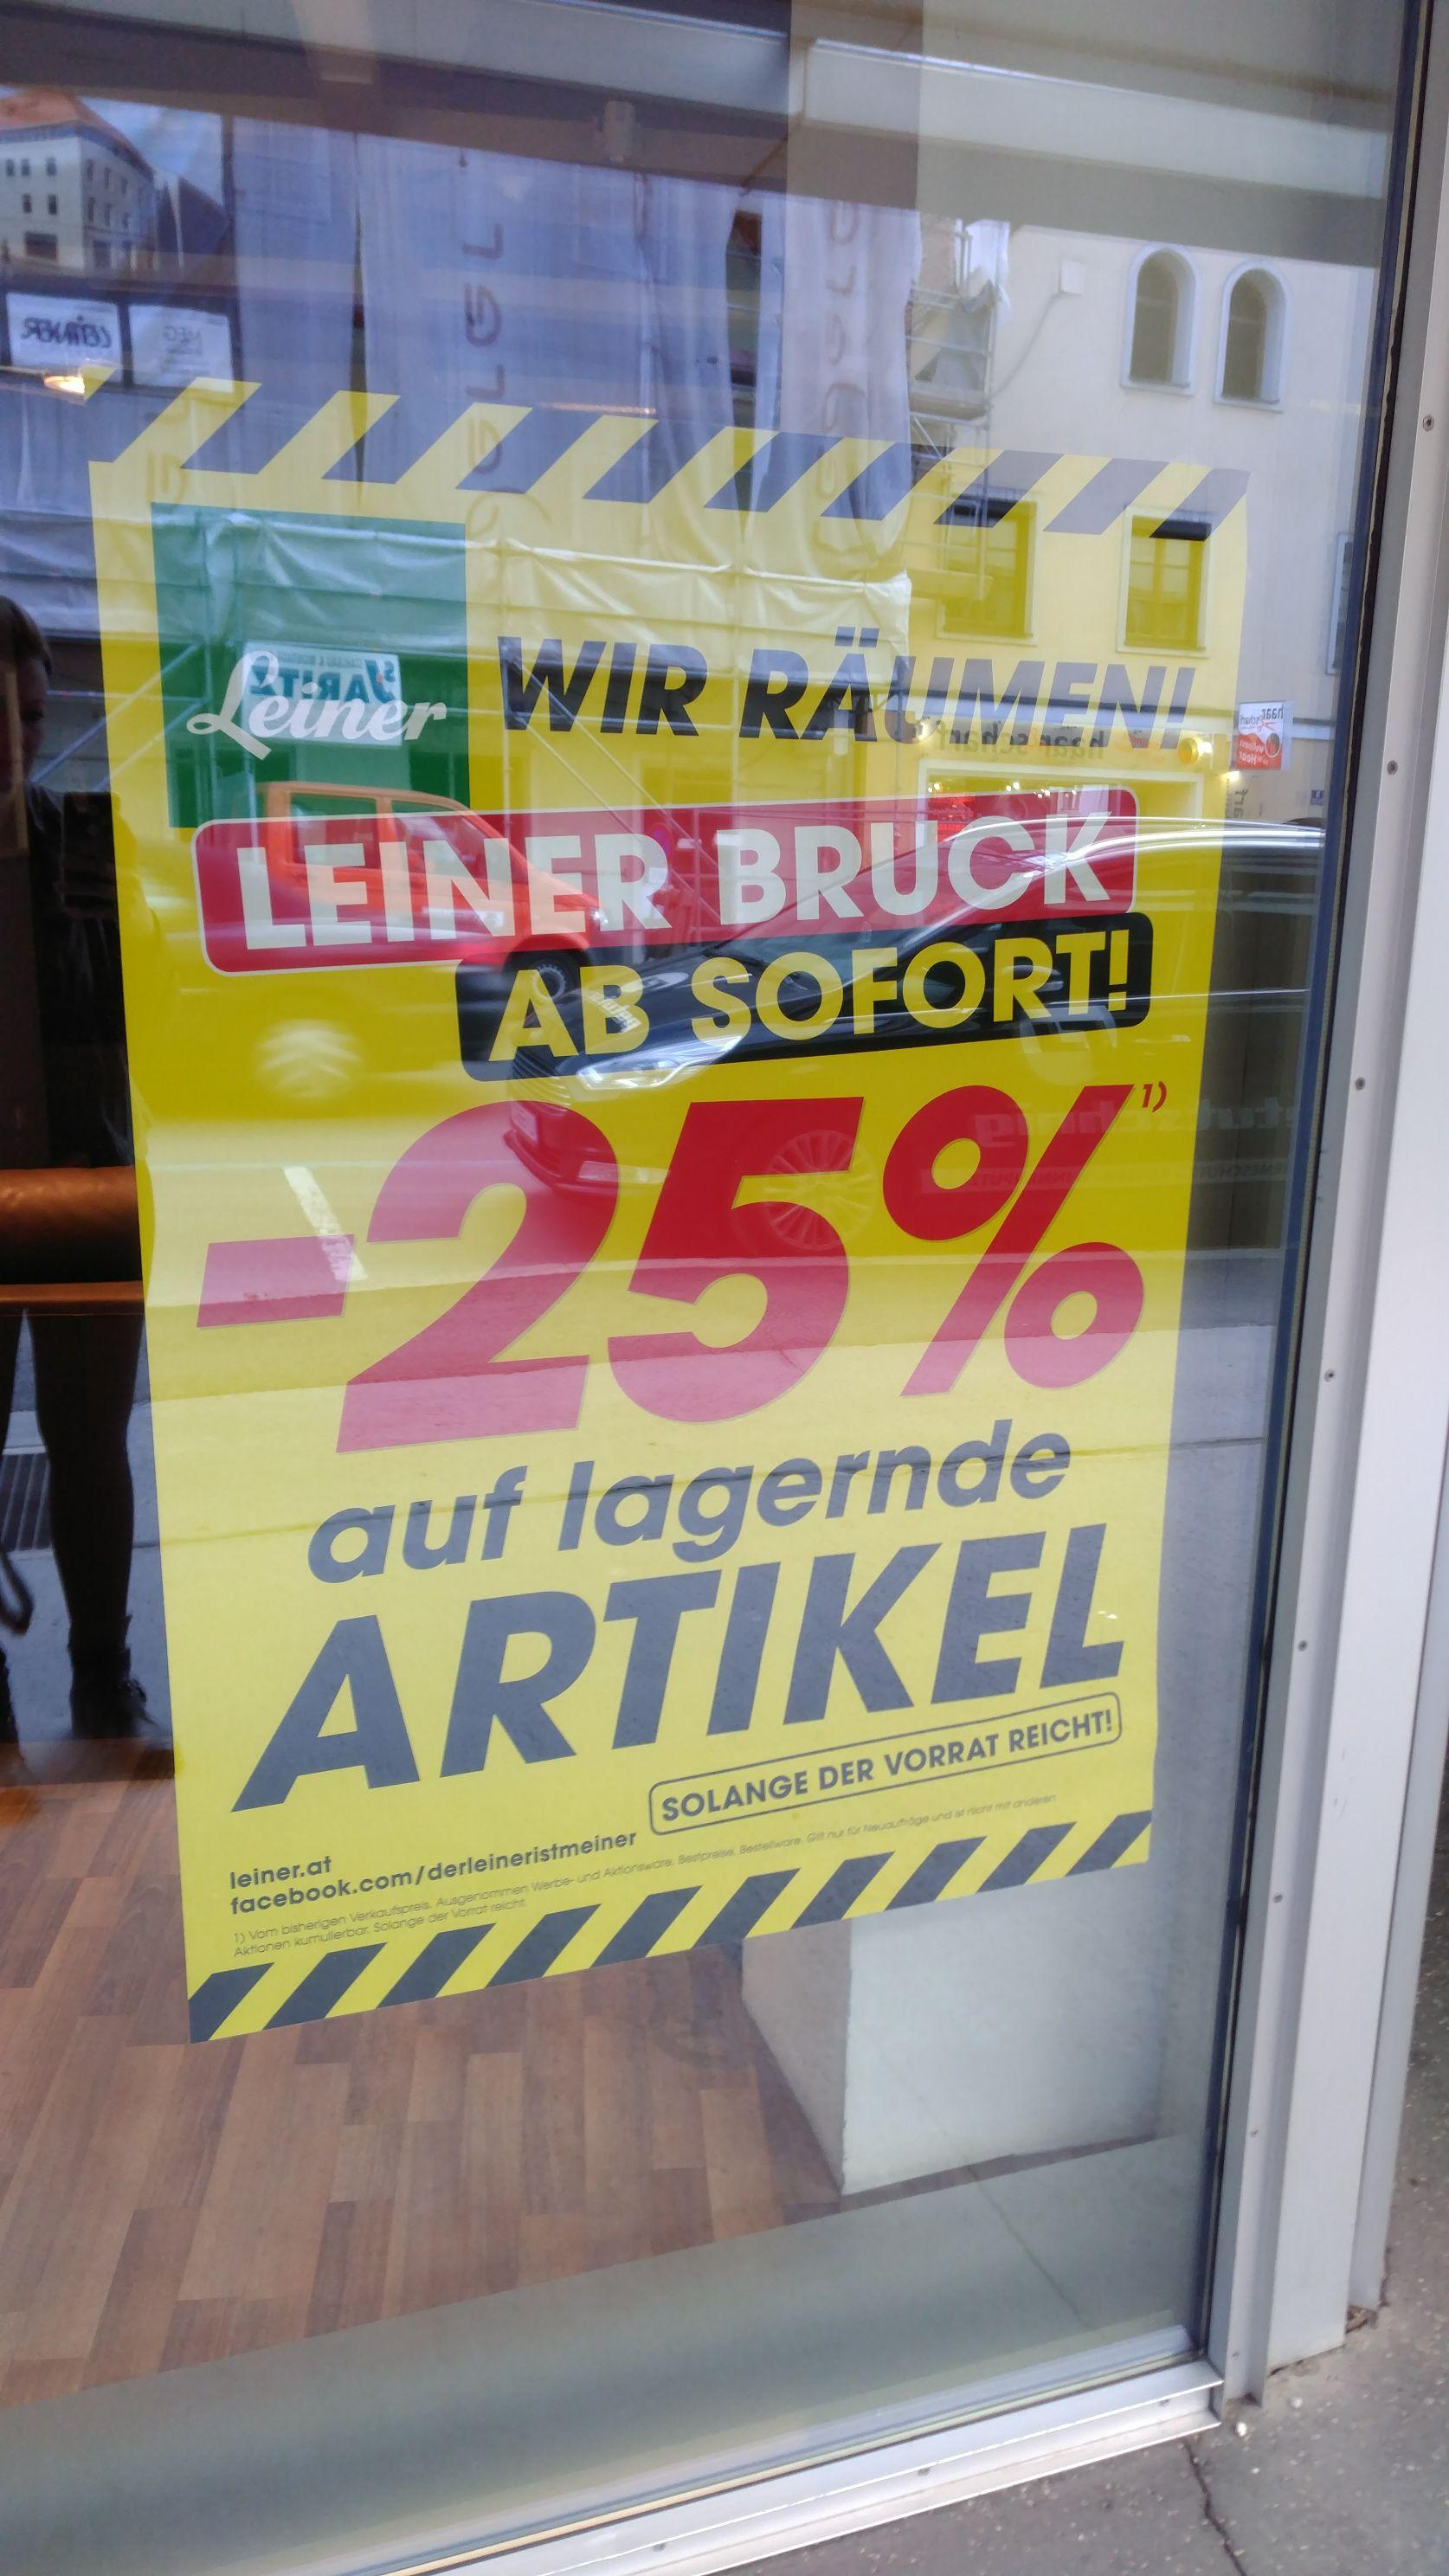 Leiner in Bruck an der Mur sperrt zu - Beginnend mit 25% auf (fast) alles!